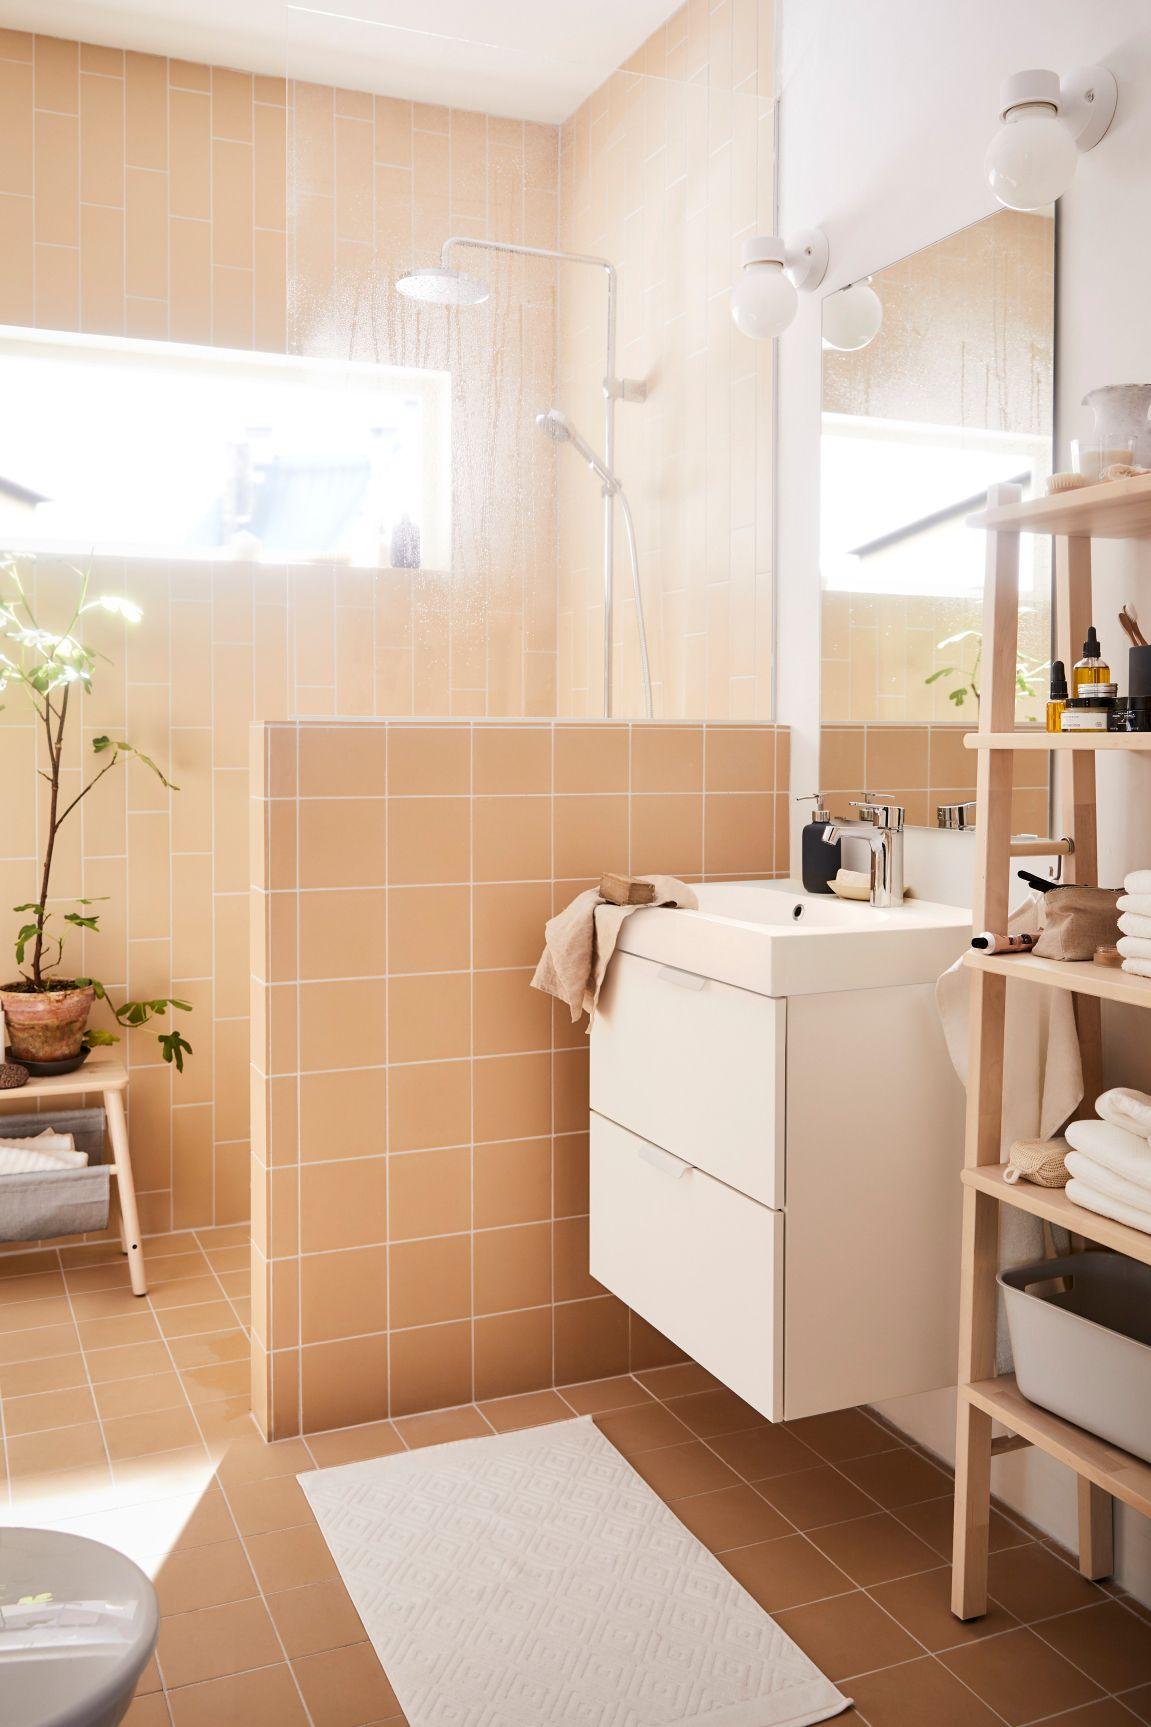 Mobel Einrichtungsideen Fur Dein Zuhause In 2020 Ikea Badezimmer Badezimmer Design Und Kleine Badaufbewahrung